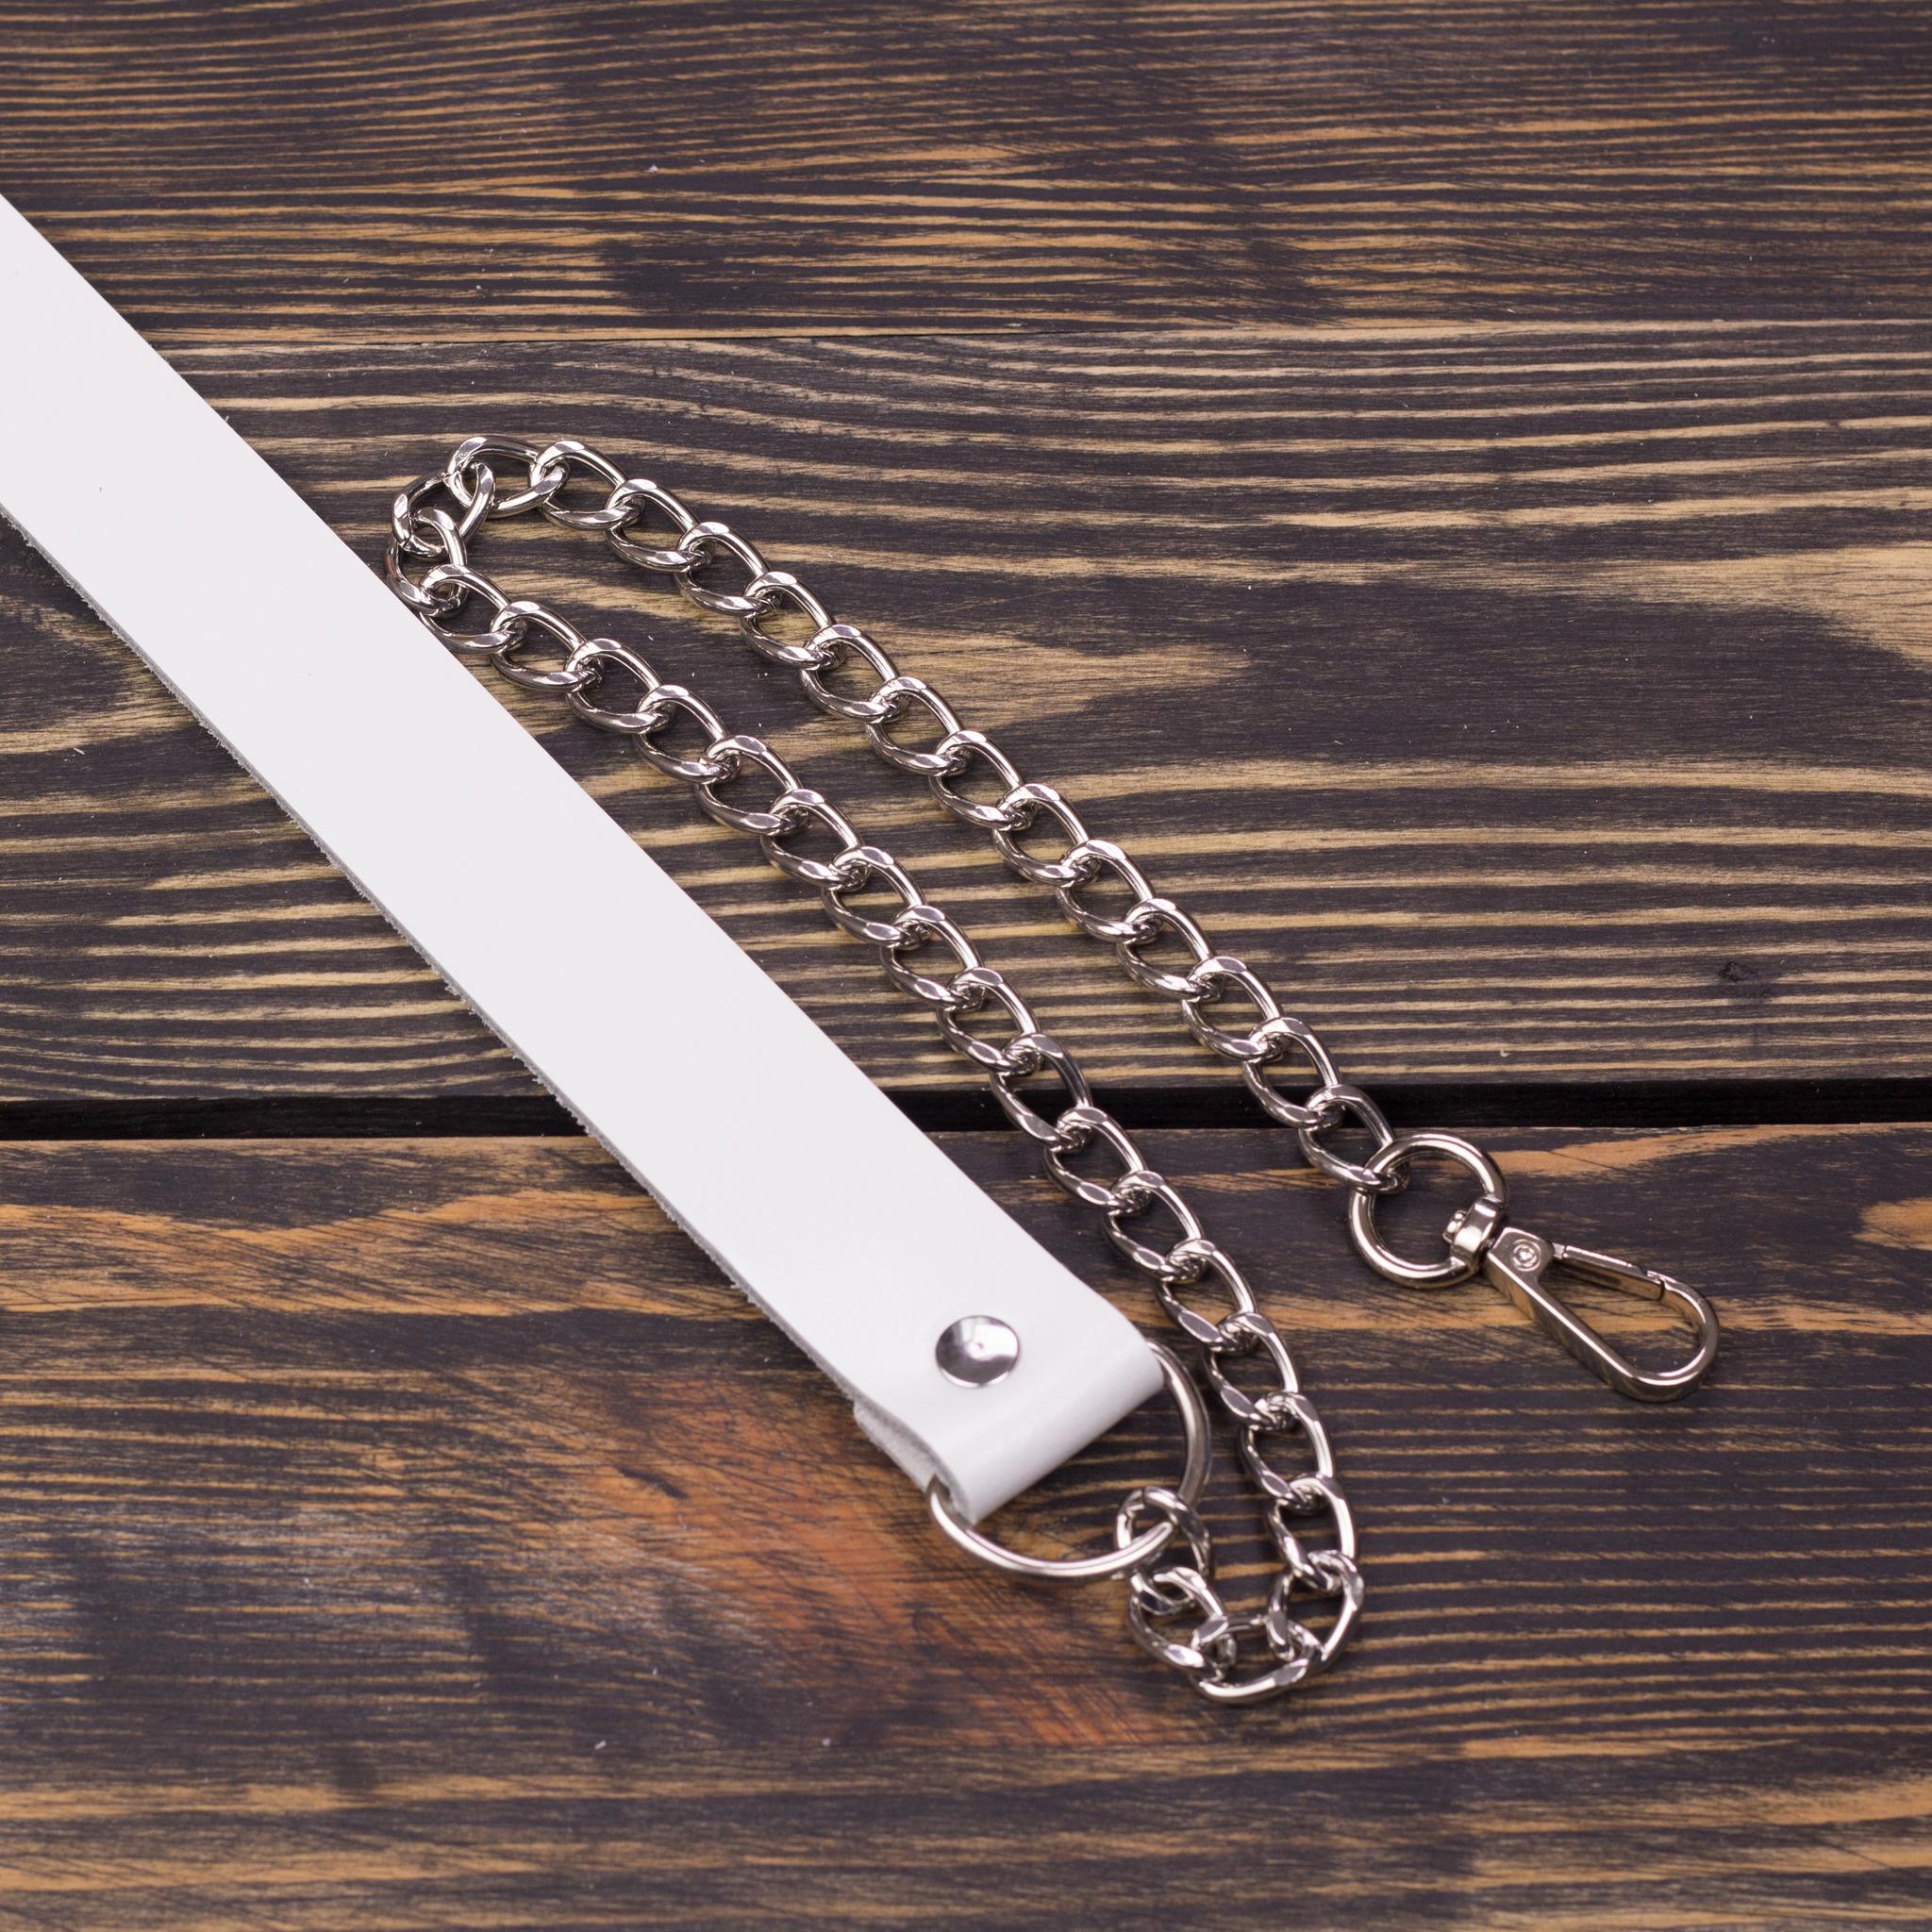 Вся фурнитура Ручка кожаная 120 см с цепочкой белая лак IMG_3781.jpg